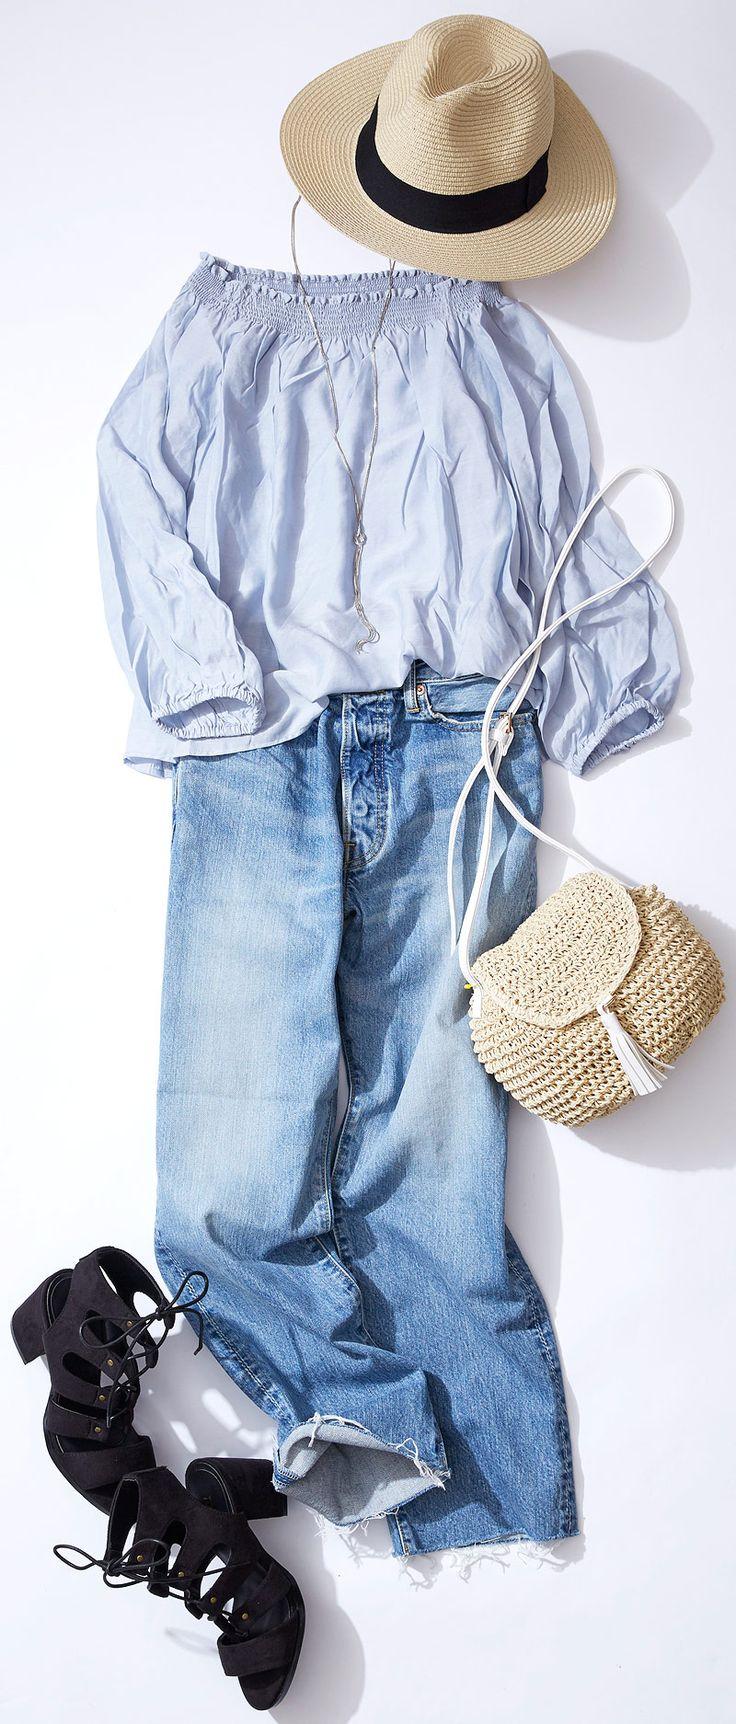 """涼しげブルーでおしゃれな日焼け対策! ルミネ有楽町から、夏のショートトリップ着こなしスタイルをご紹介。どこか""""上品""""で""""こなれた""""スタイルが得意の人気スタイリスト山崎ジュンさんが「すぐマネできる」テクニックをお伝えします。"""